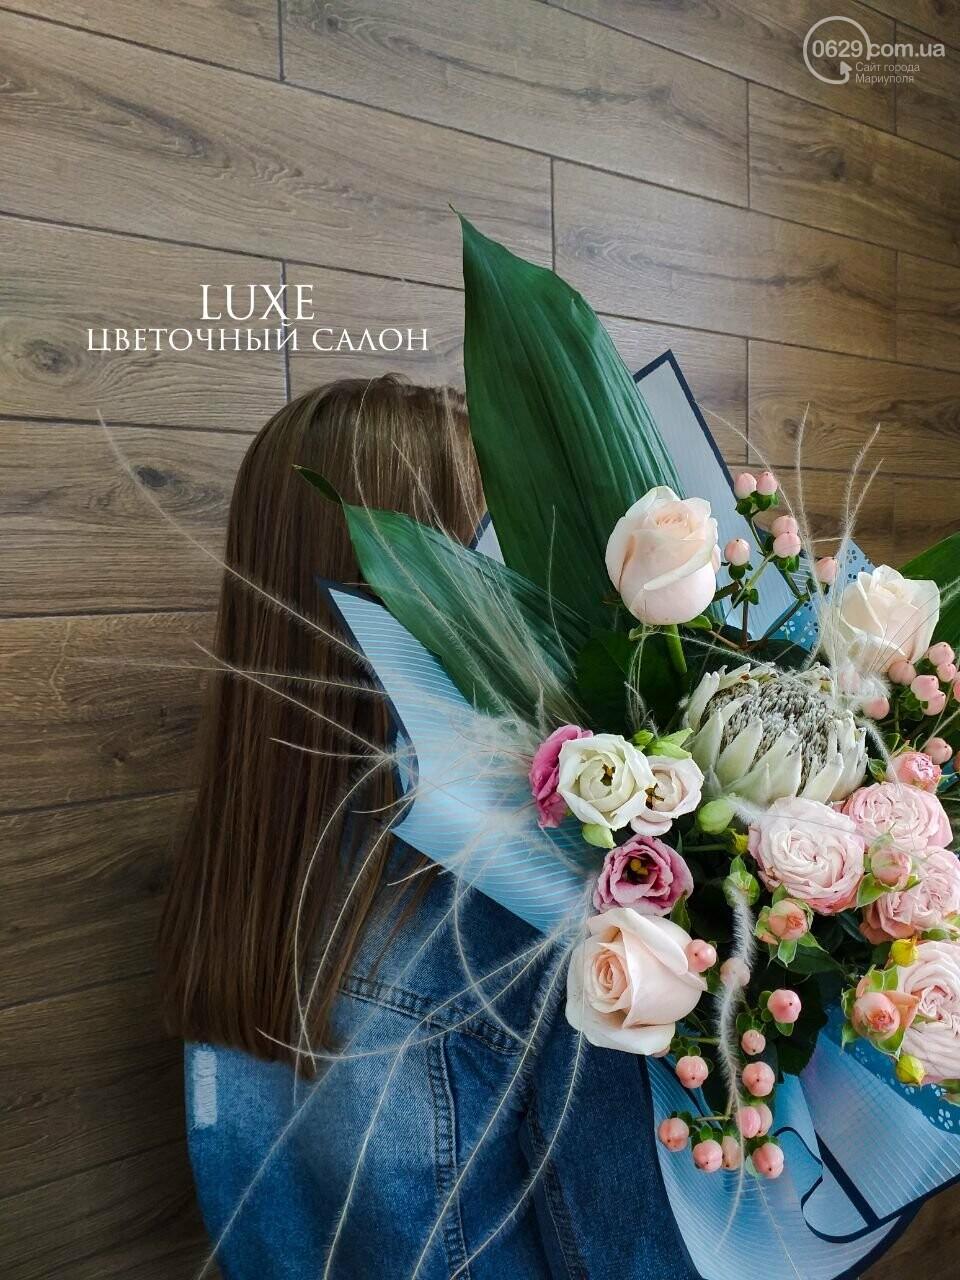 Изысканные, стильные букеты цветов с доставкой от сети салонов LUXE, фото-10